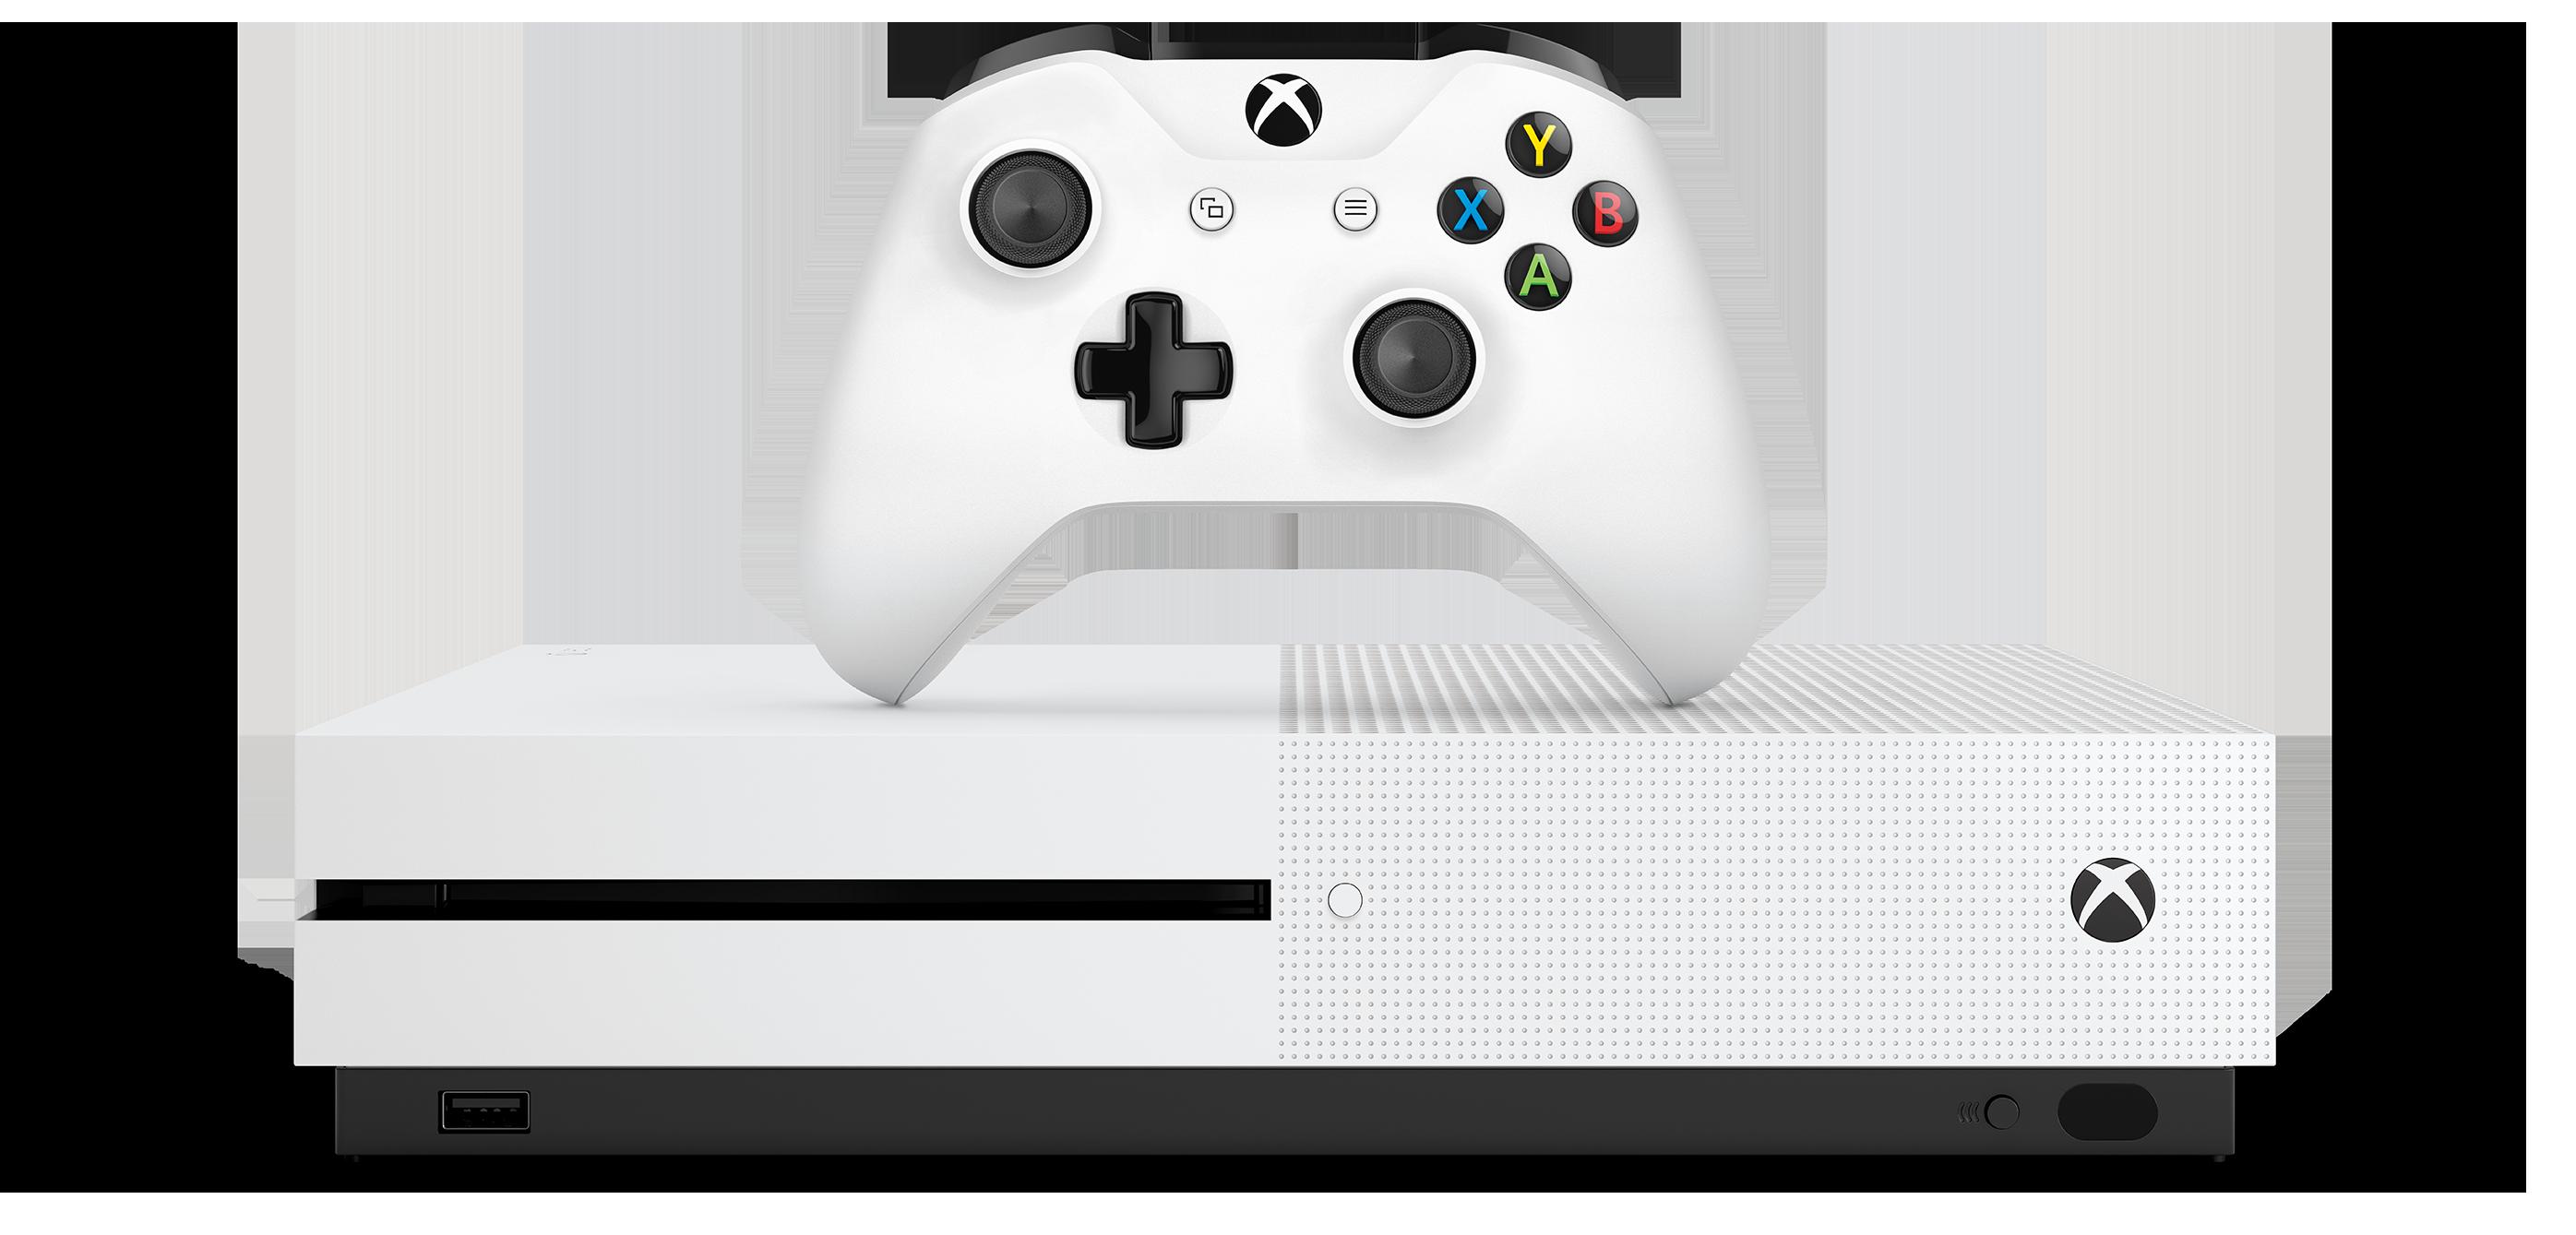 Xbox One S 1 TB console